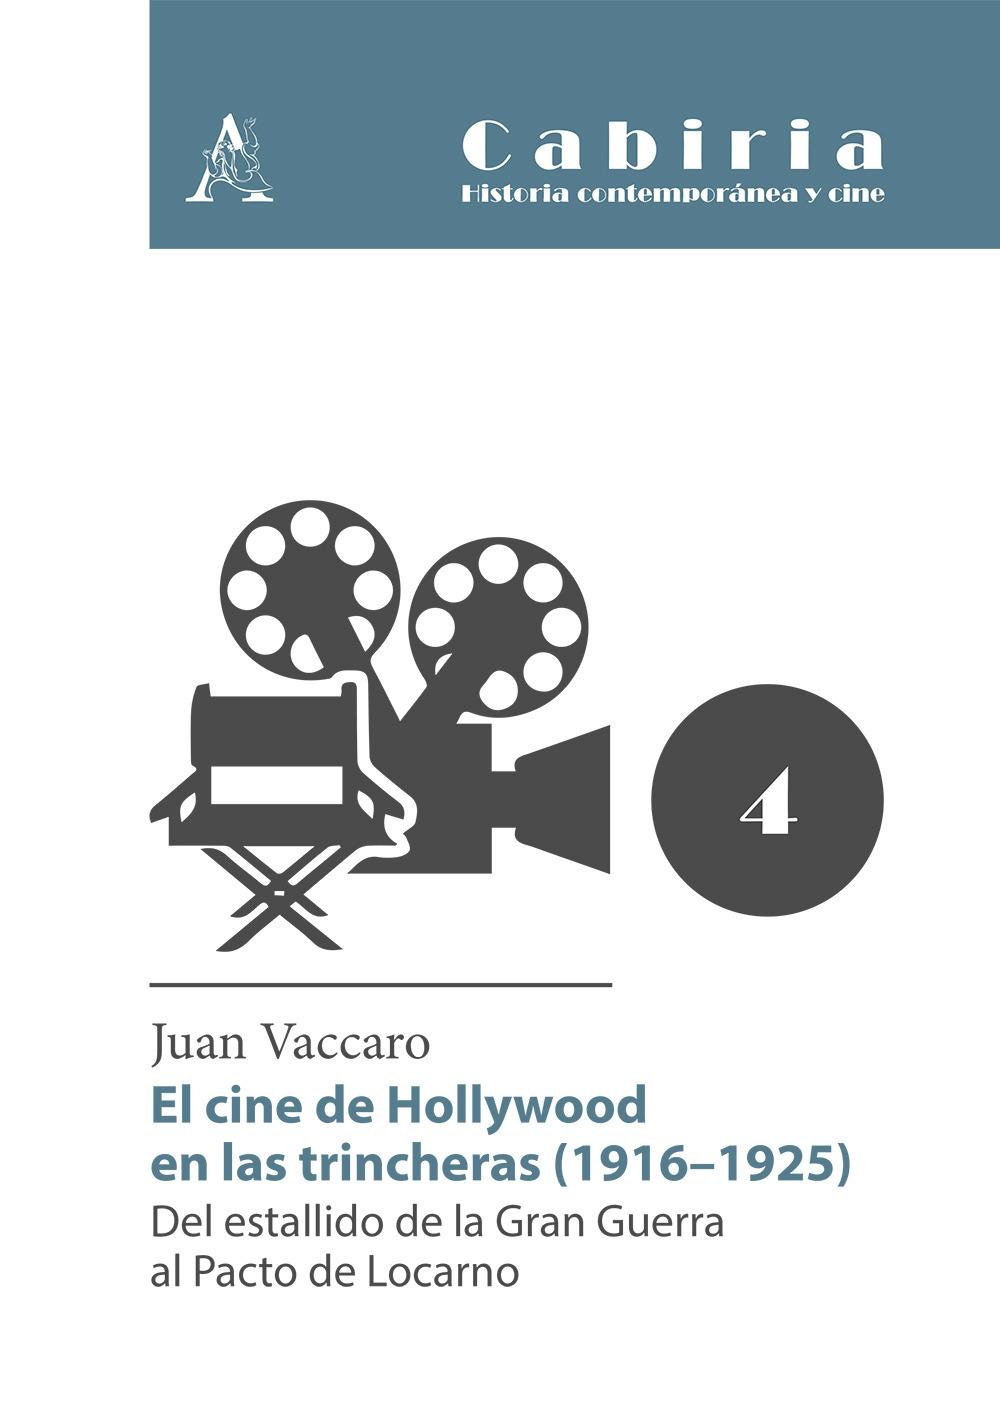 El cine de Hollywood en las trincheras (1916-1925). Del estallido de la Gran Guerra al Pacto de Locarno